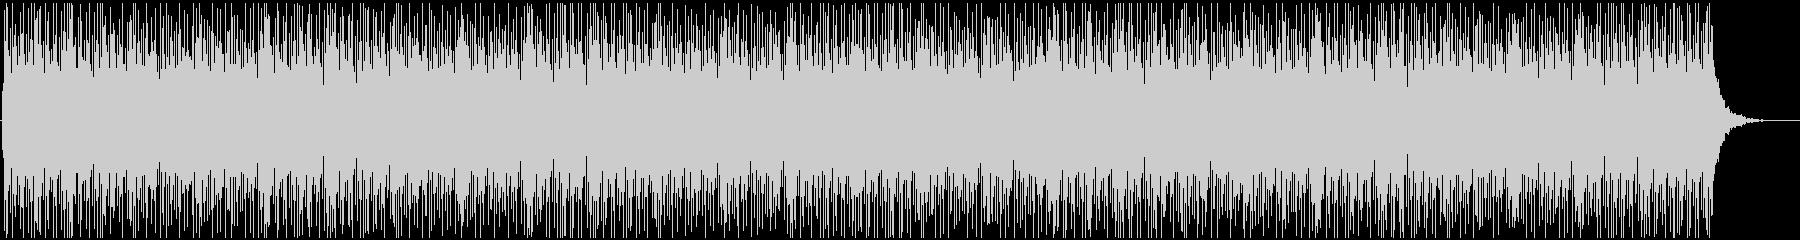 動画BGMに使いやすい爽やかなリフ曲の未再生の波形